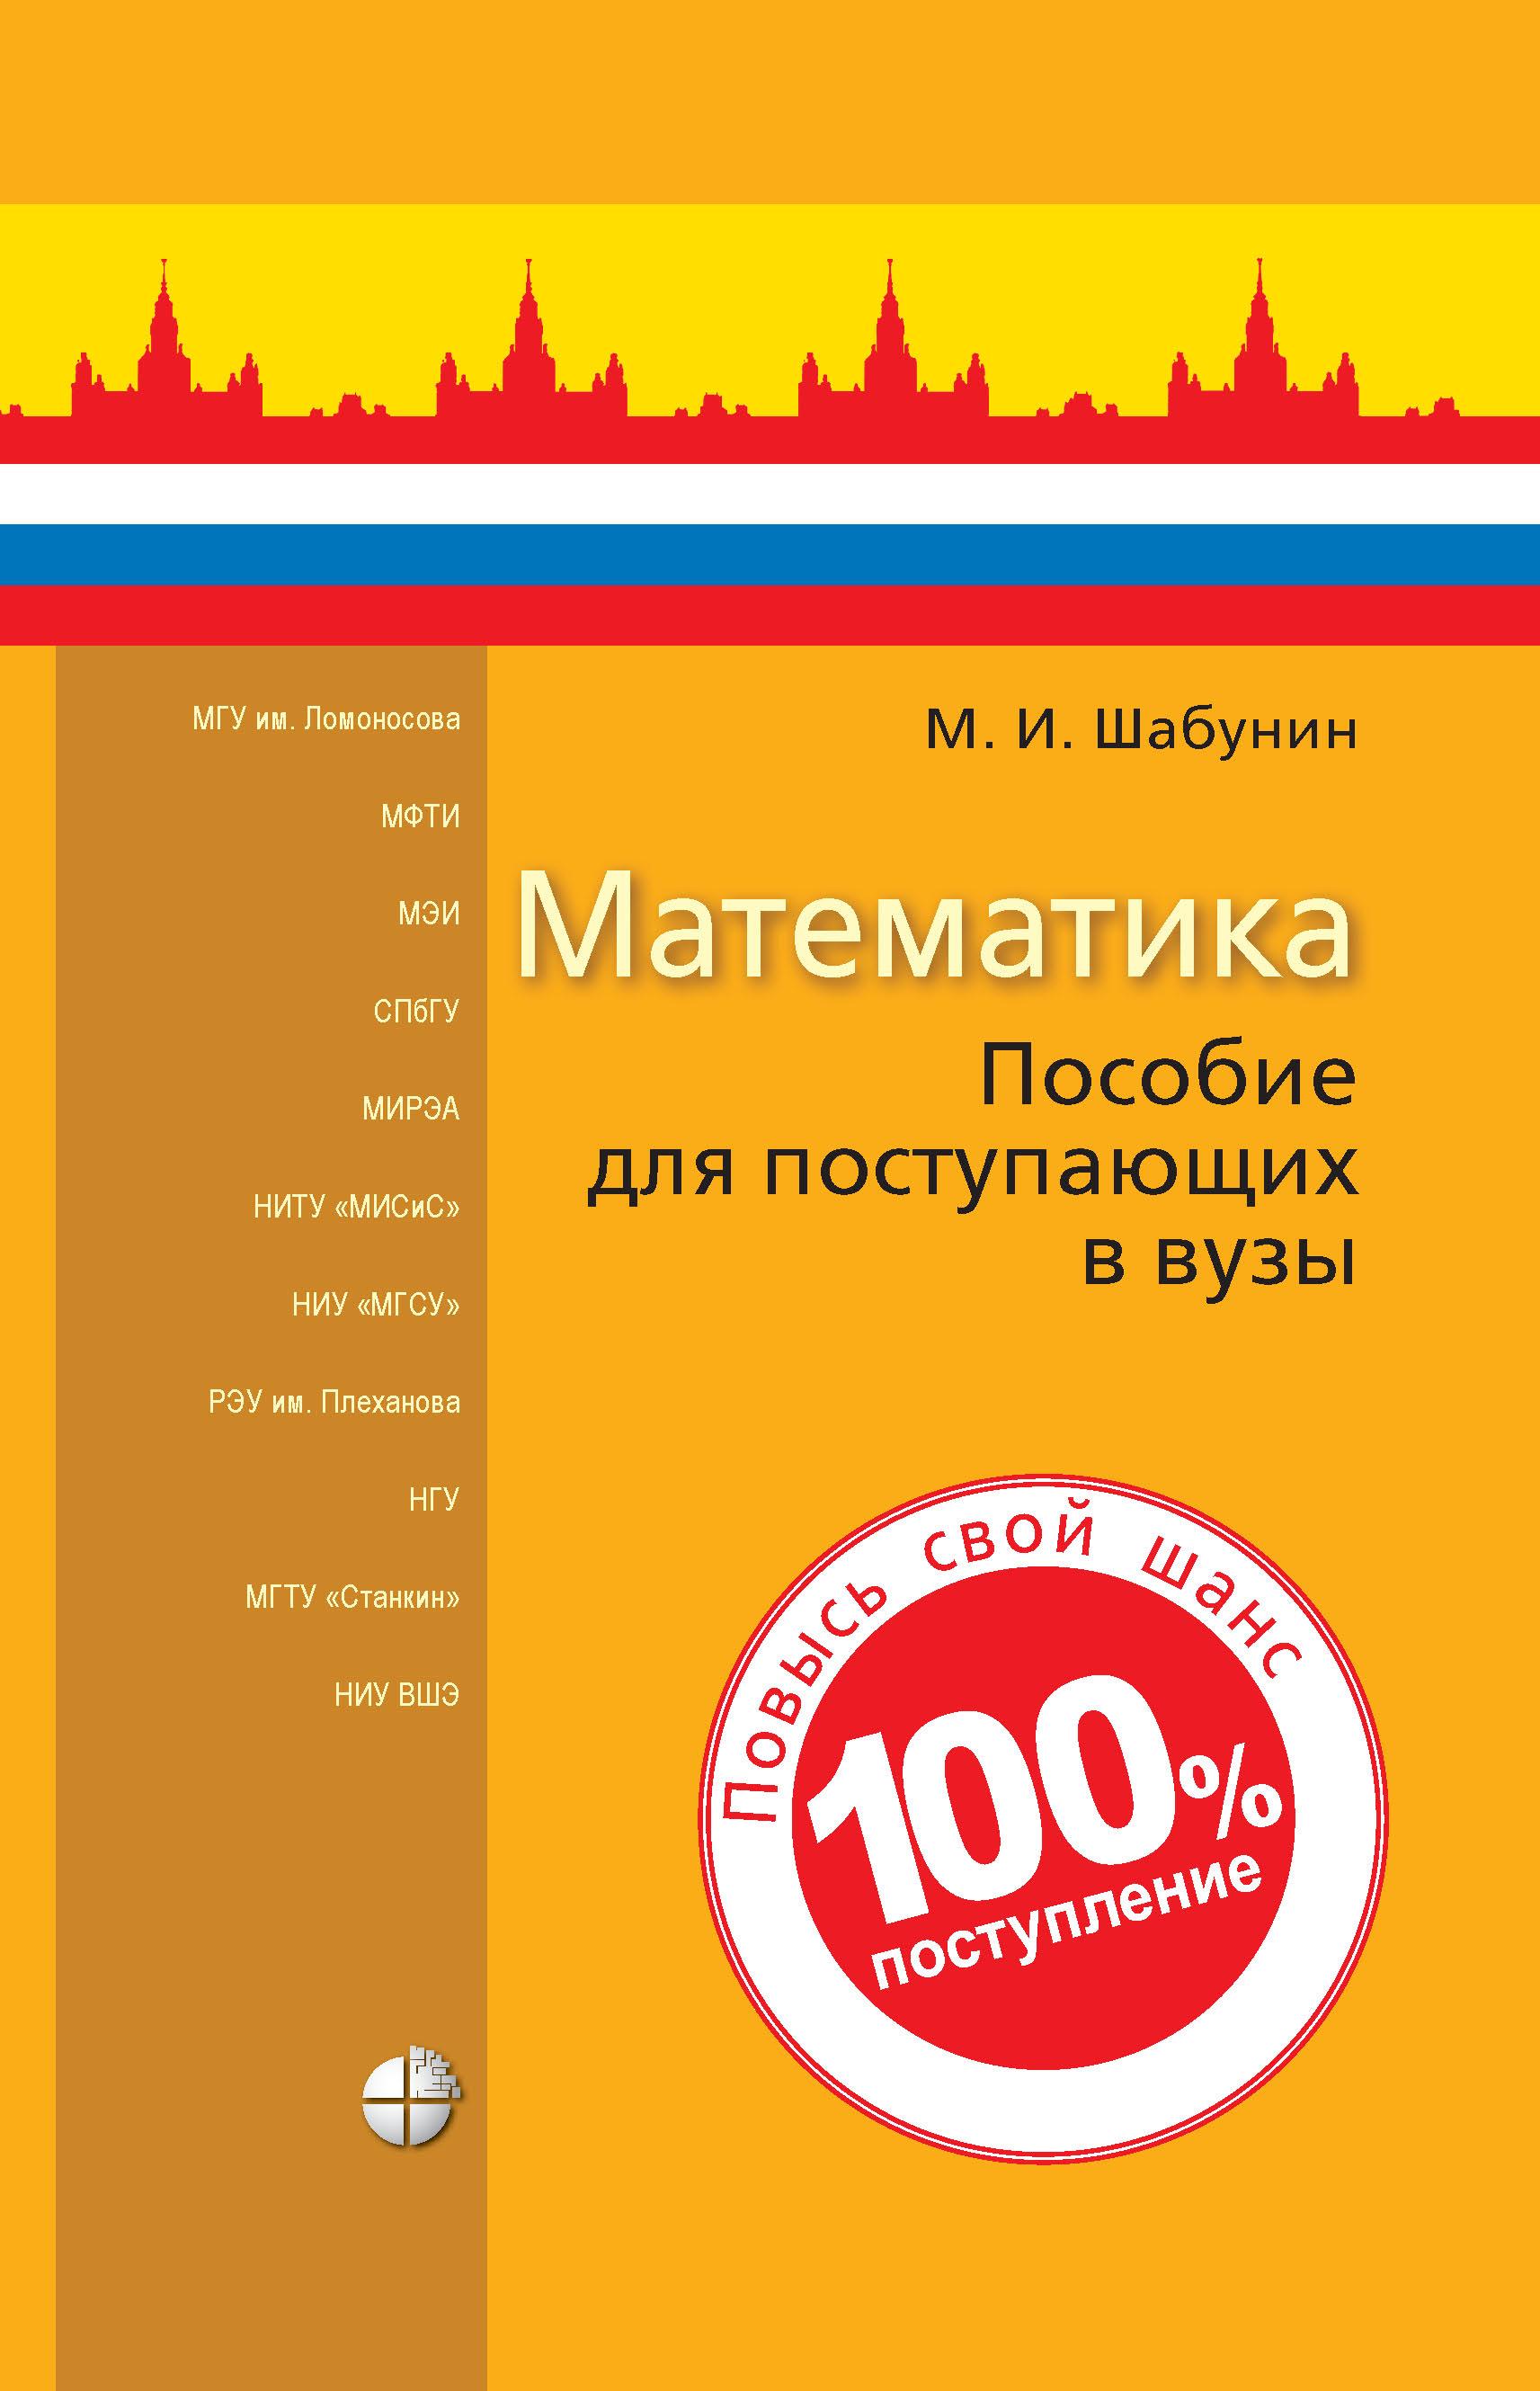 М. И. Шабунин Математика. Пособие для поступающих в вузы шабунин м математика пособие для поступающих в вузы